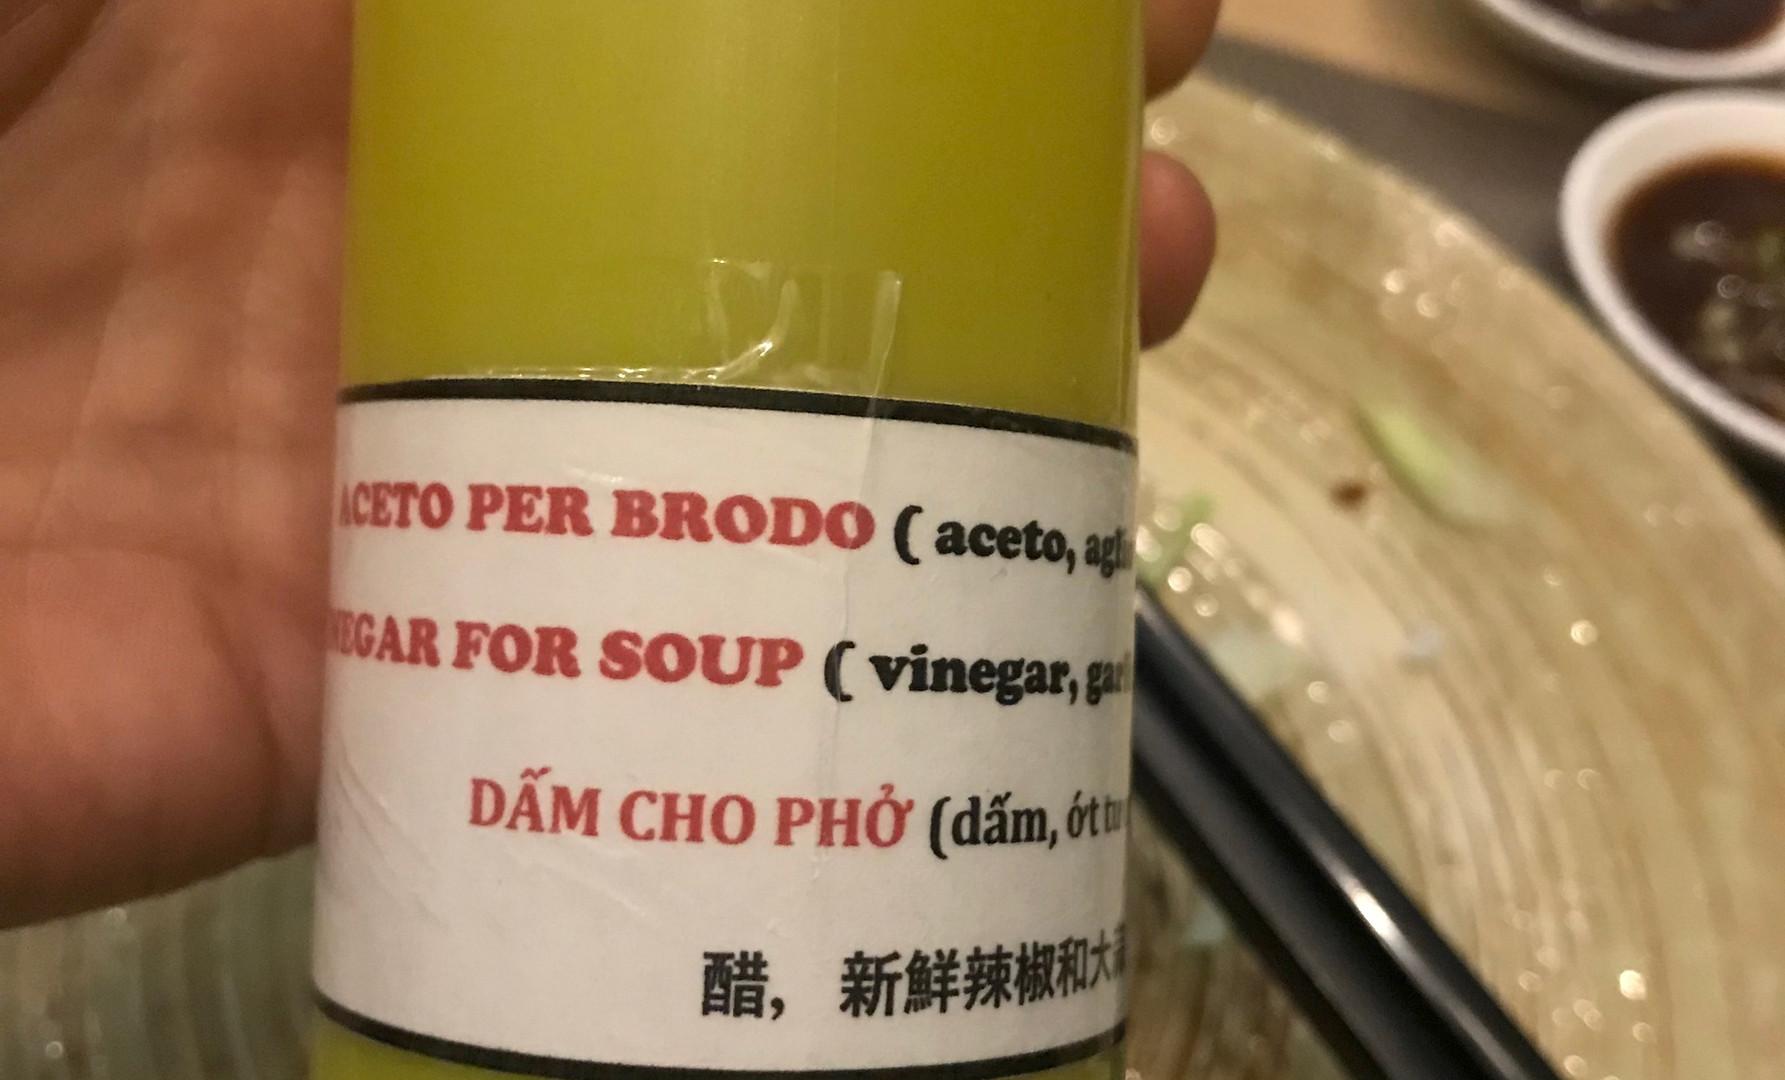 Dam Cho Pho